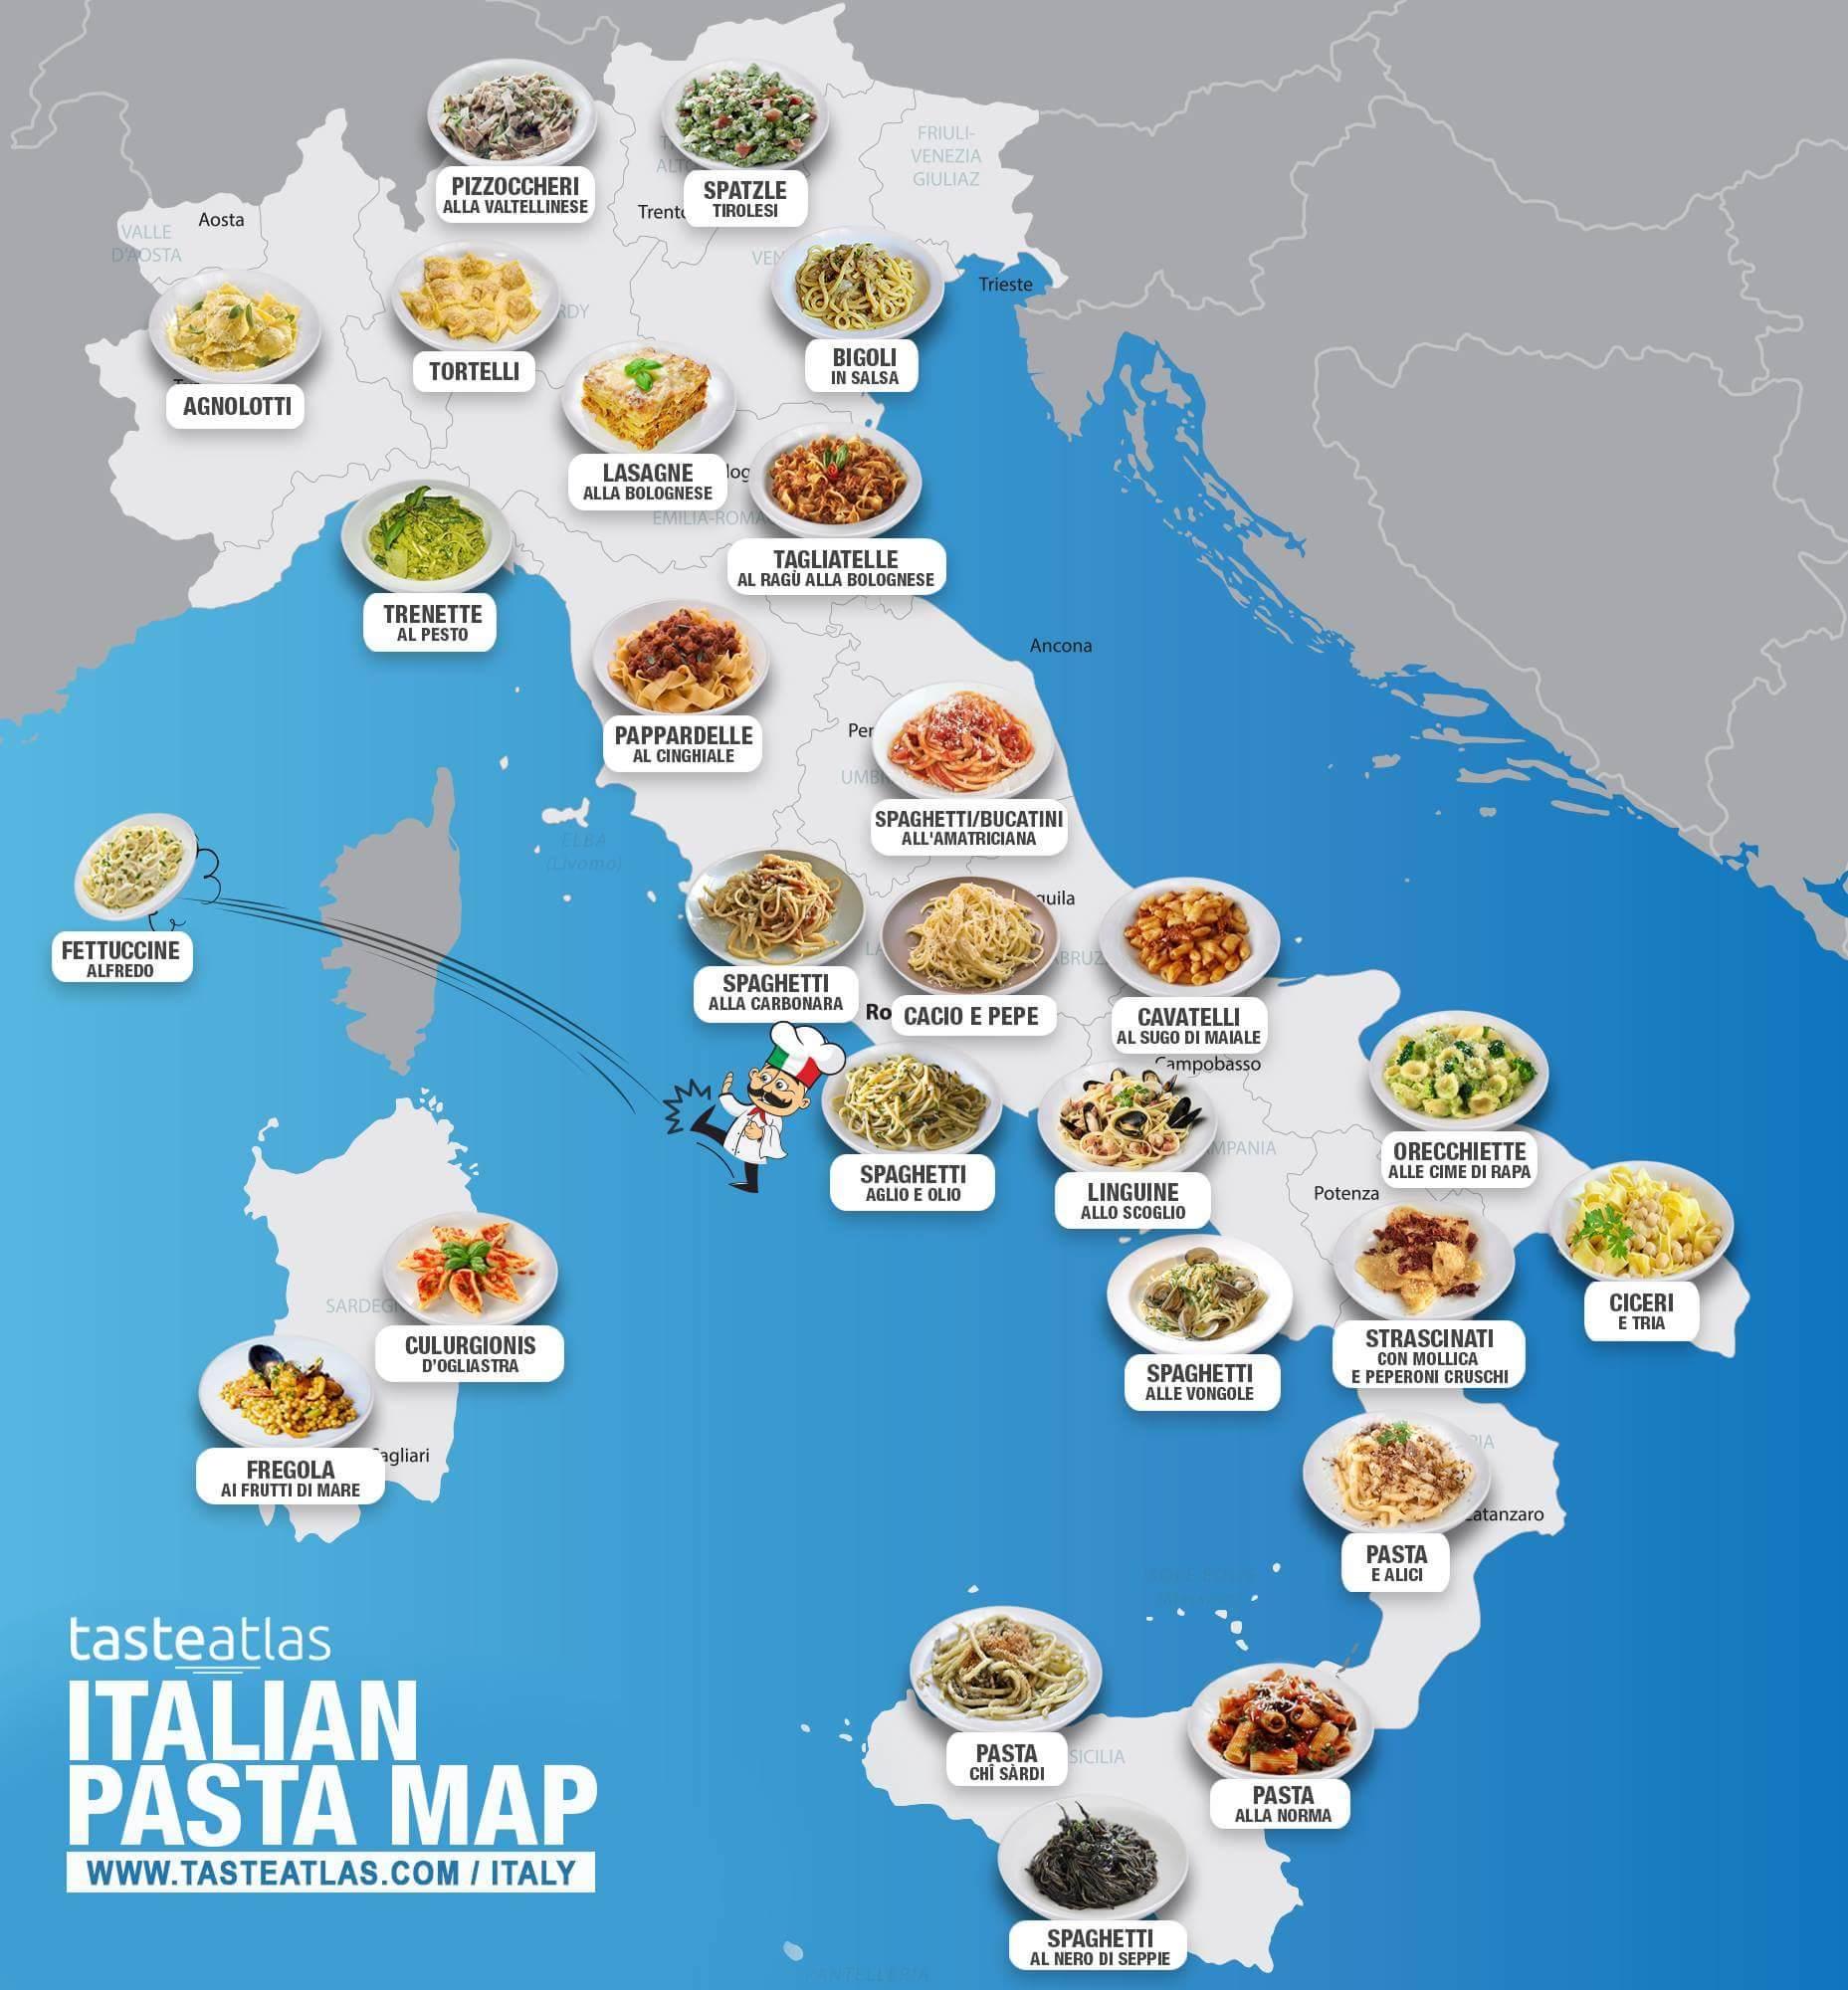 В сети появилась карта итальянской пасты по регионам